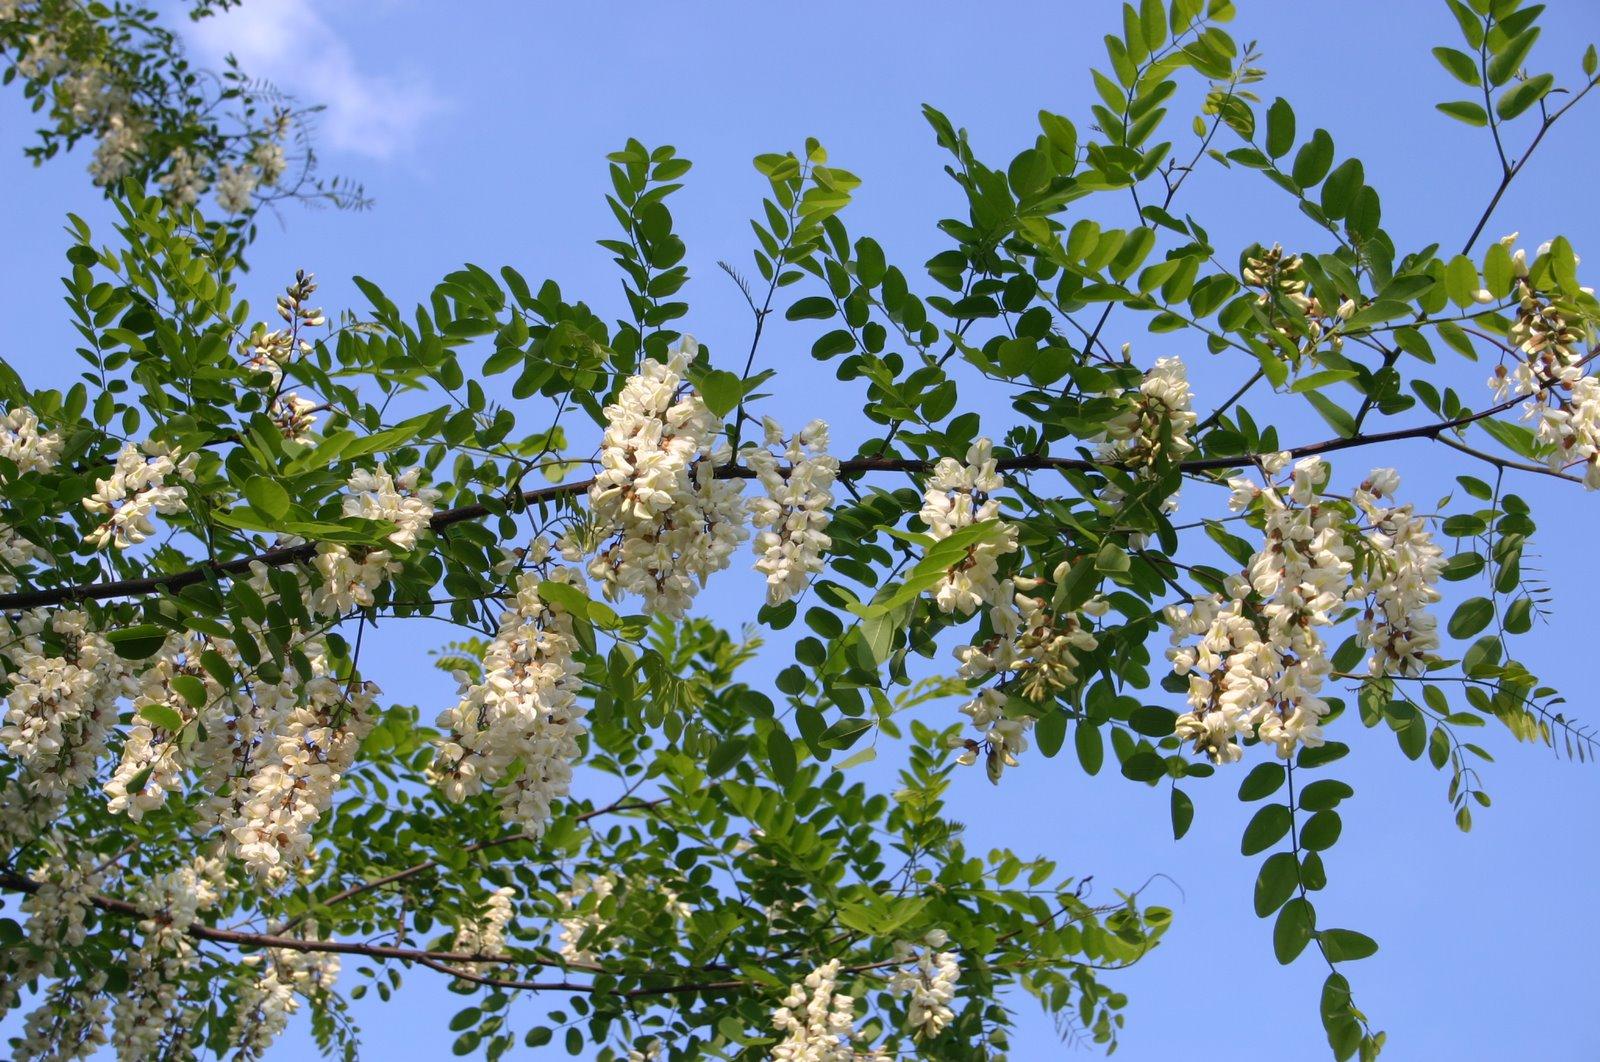 Cueillette sauvage et beignets de fleurs d'acacia